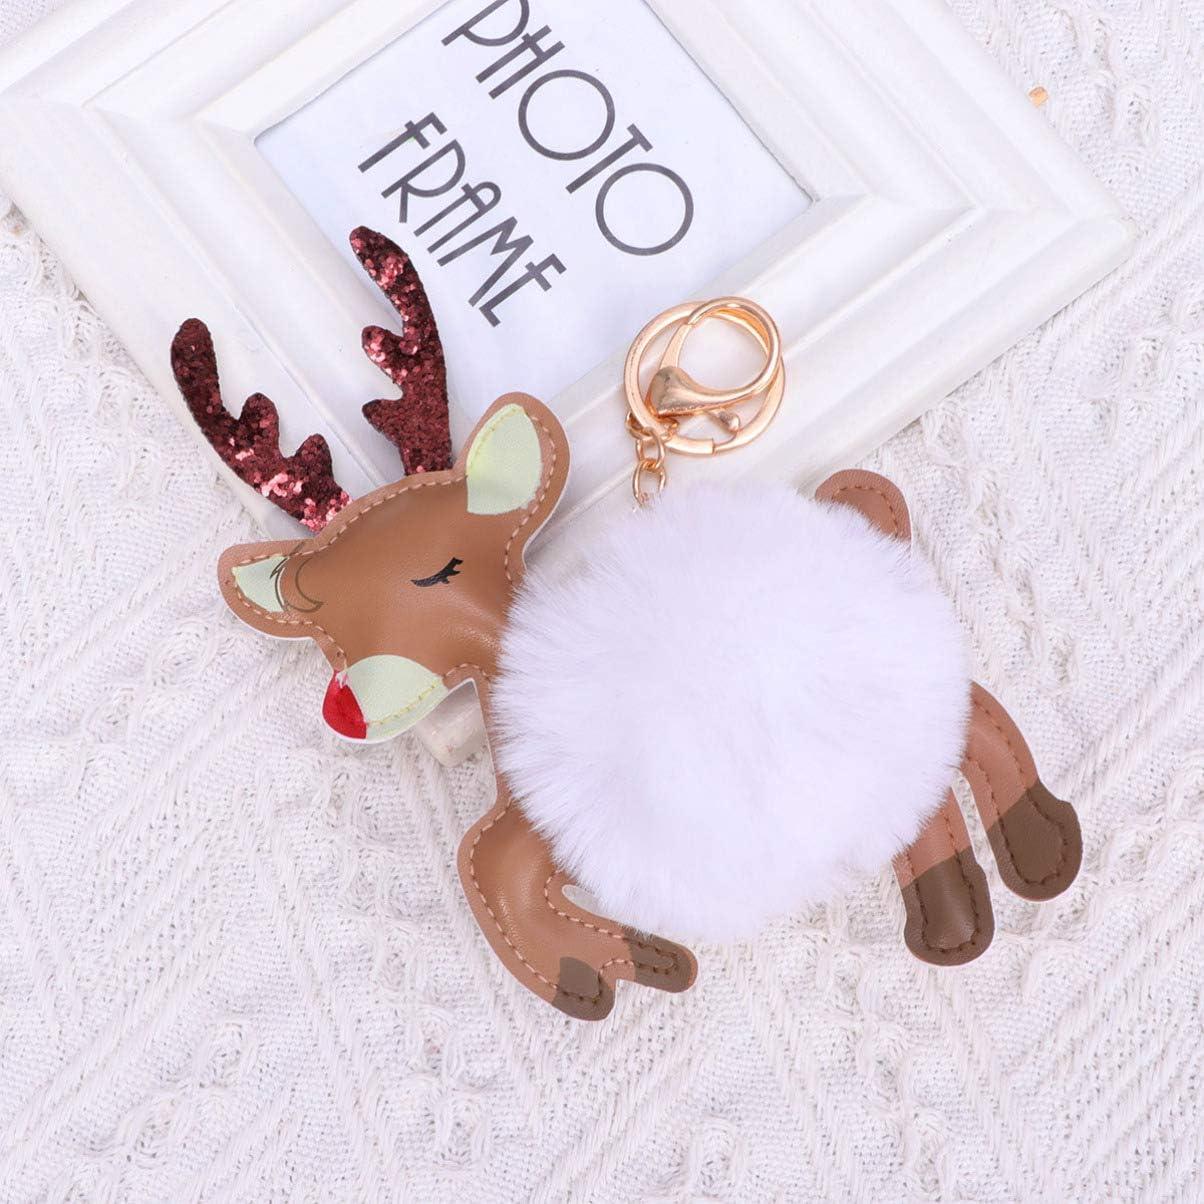 Toyvian llavero reno colgante coche bolsa llavero encanto adorno de regalo de navidad blanco